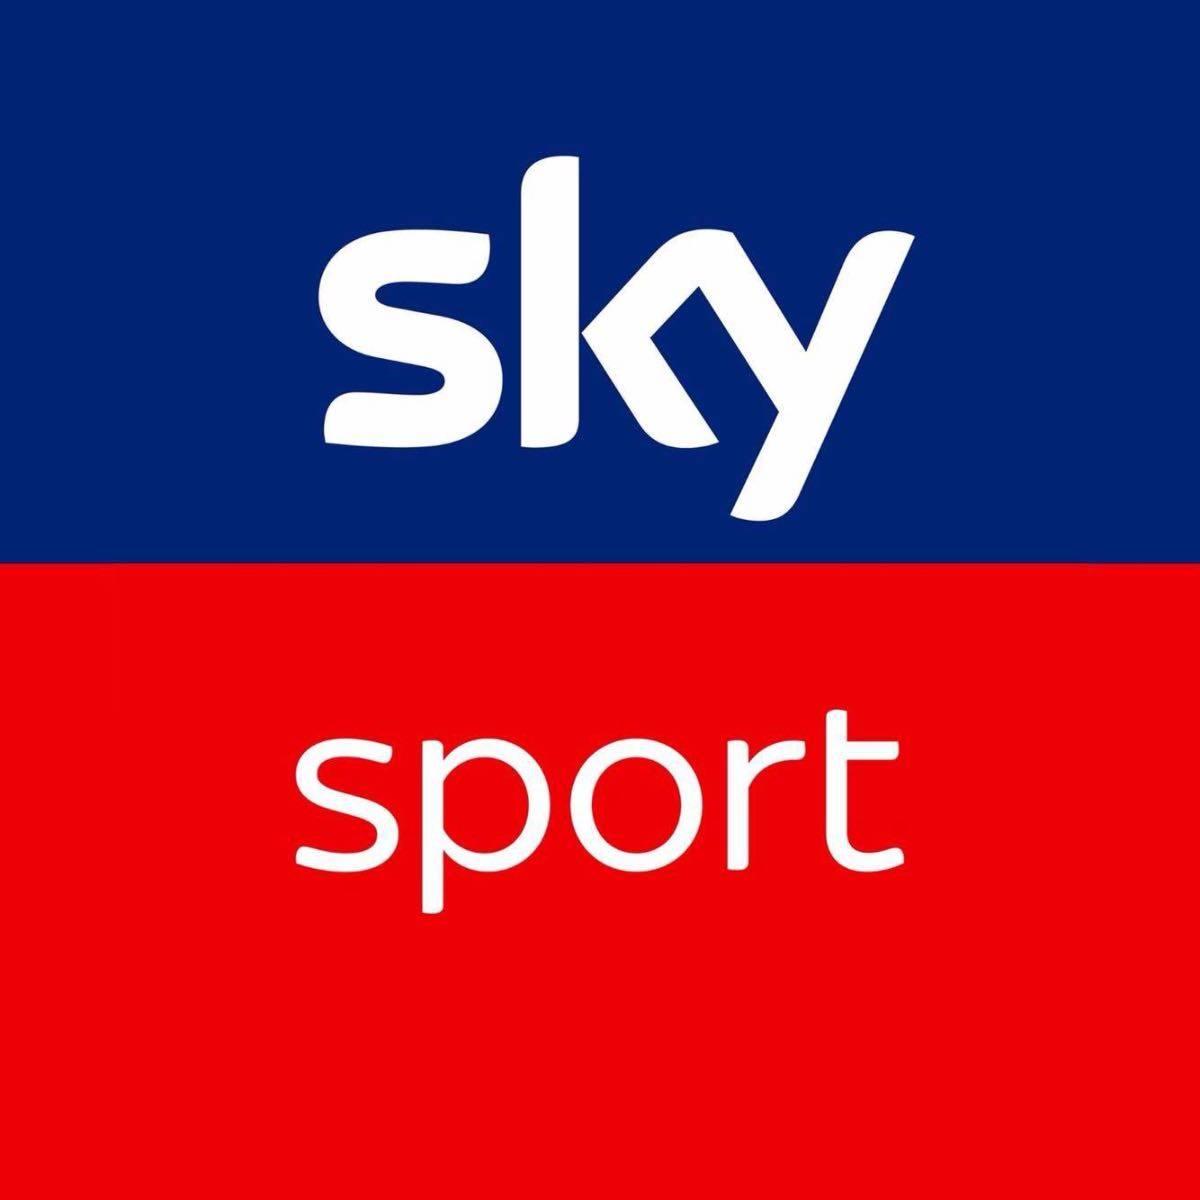 Sky Sport 24 chiude: ecco tutte le info e cosa cambierà per gli utenti